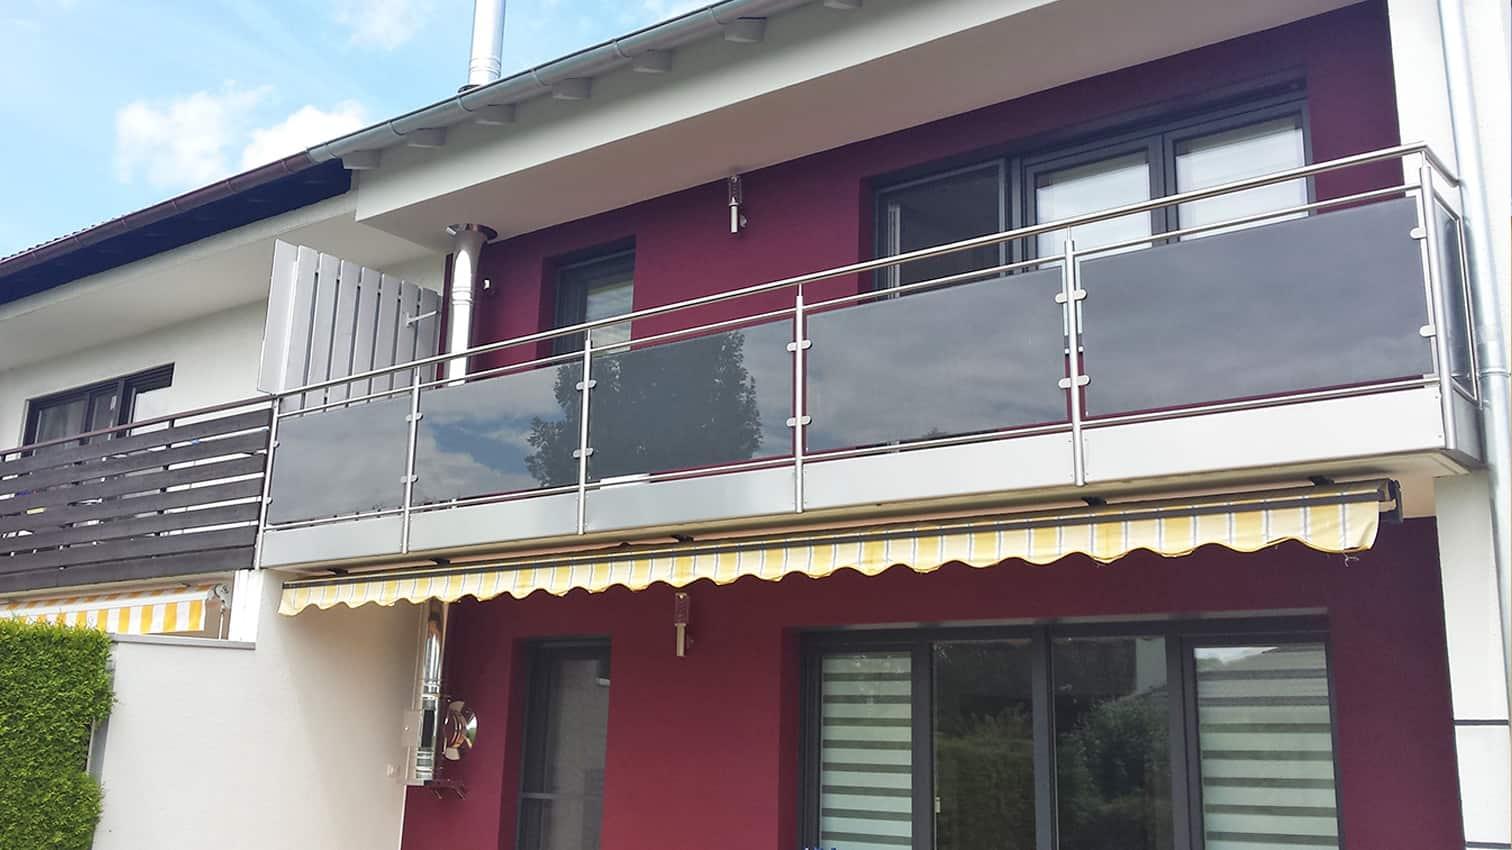 Balkon aus Edelstahl mit Glaseinsatz